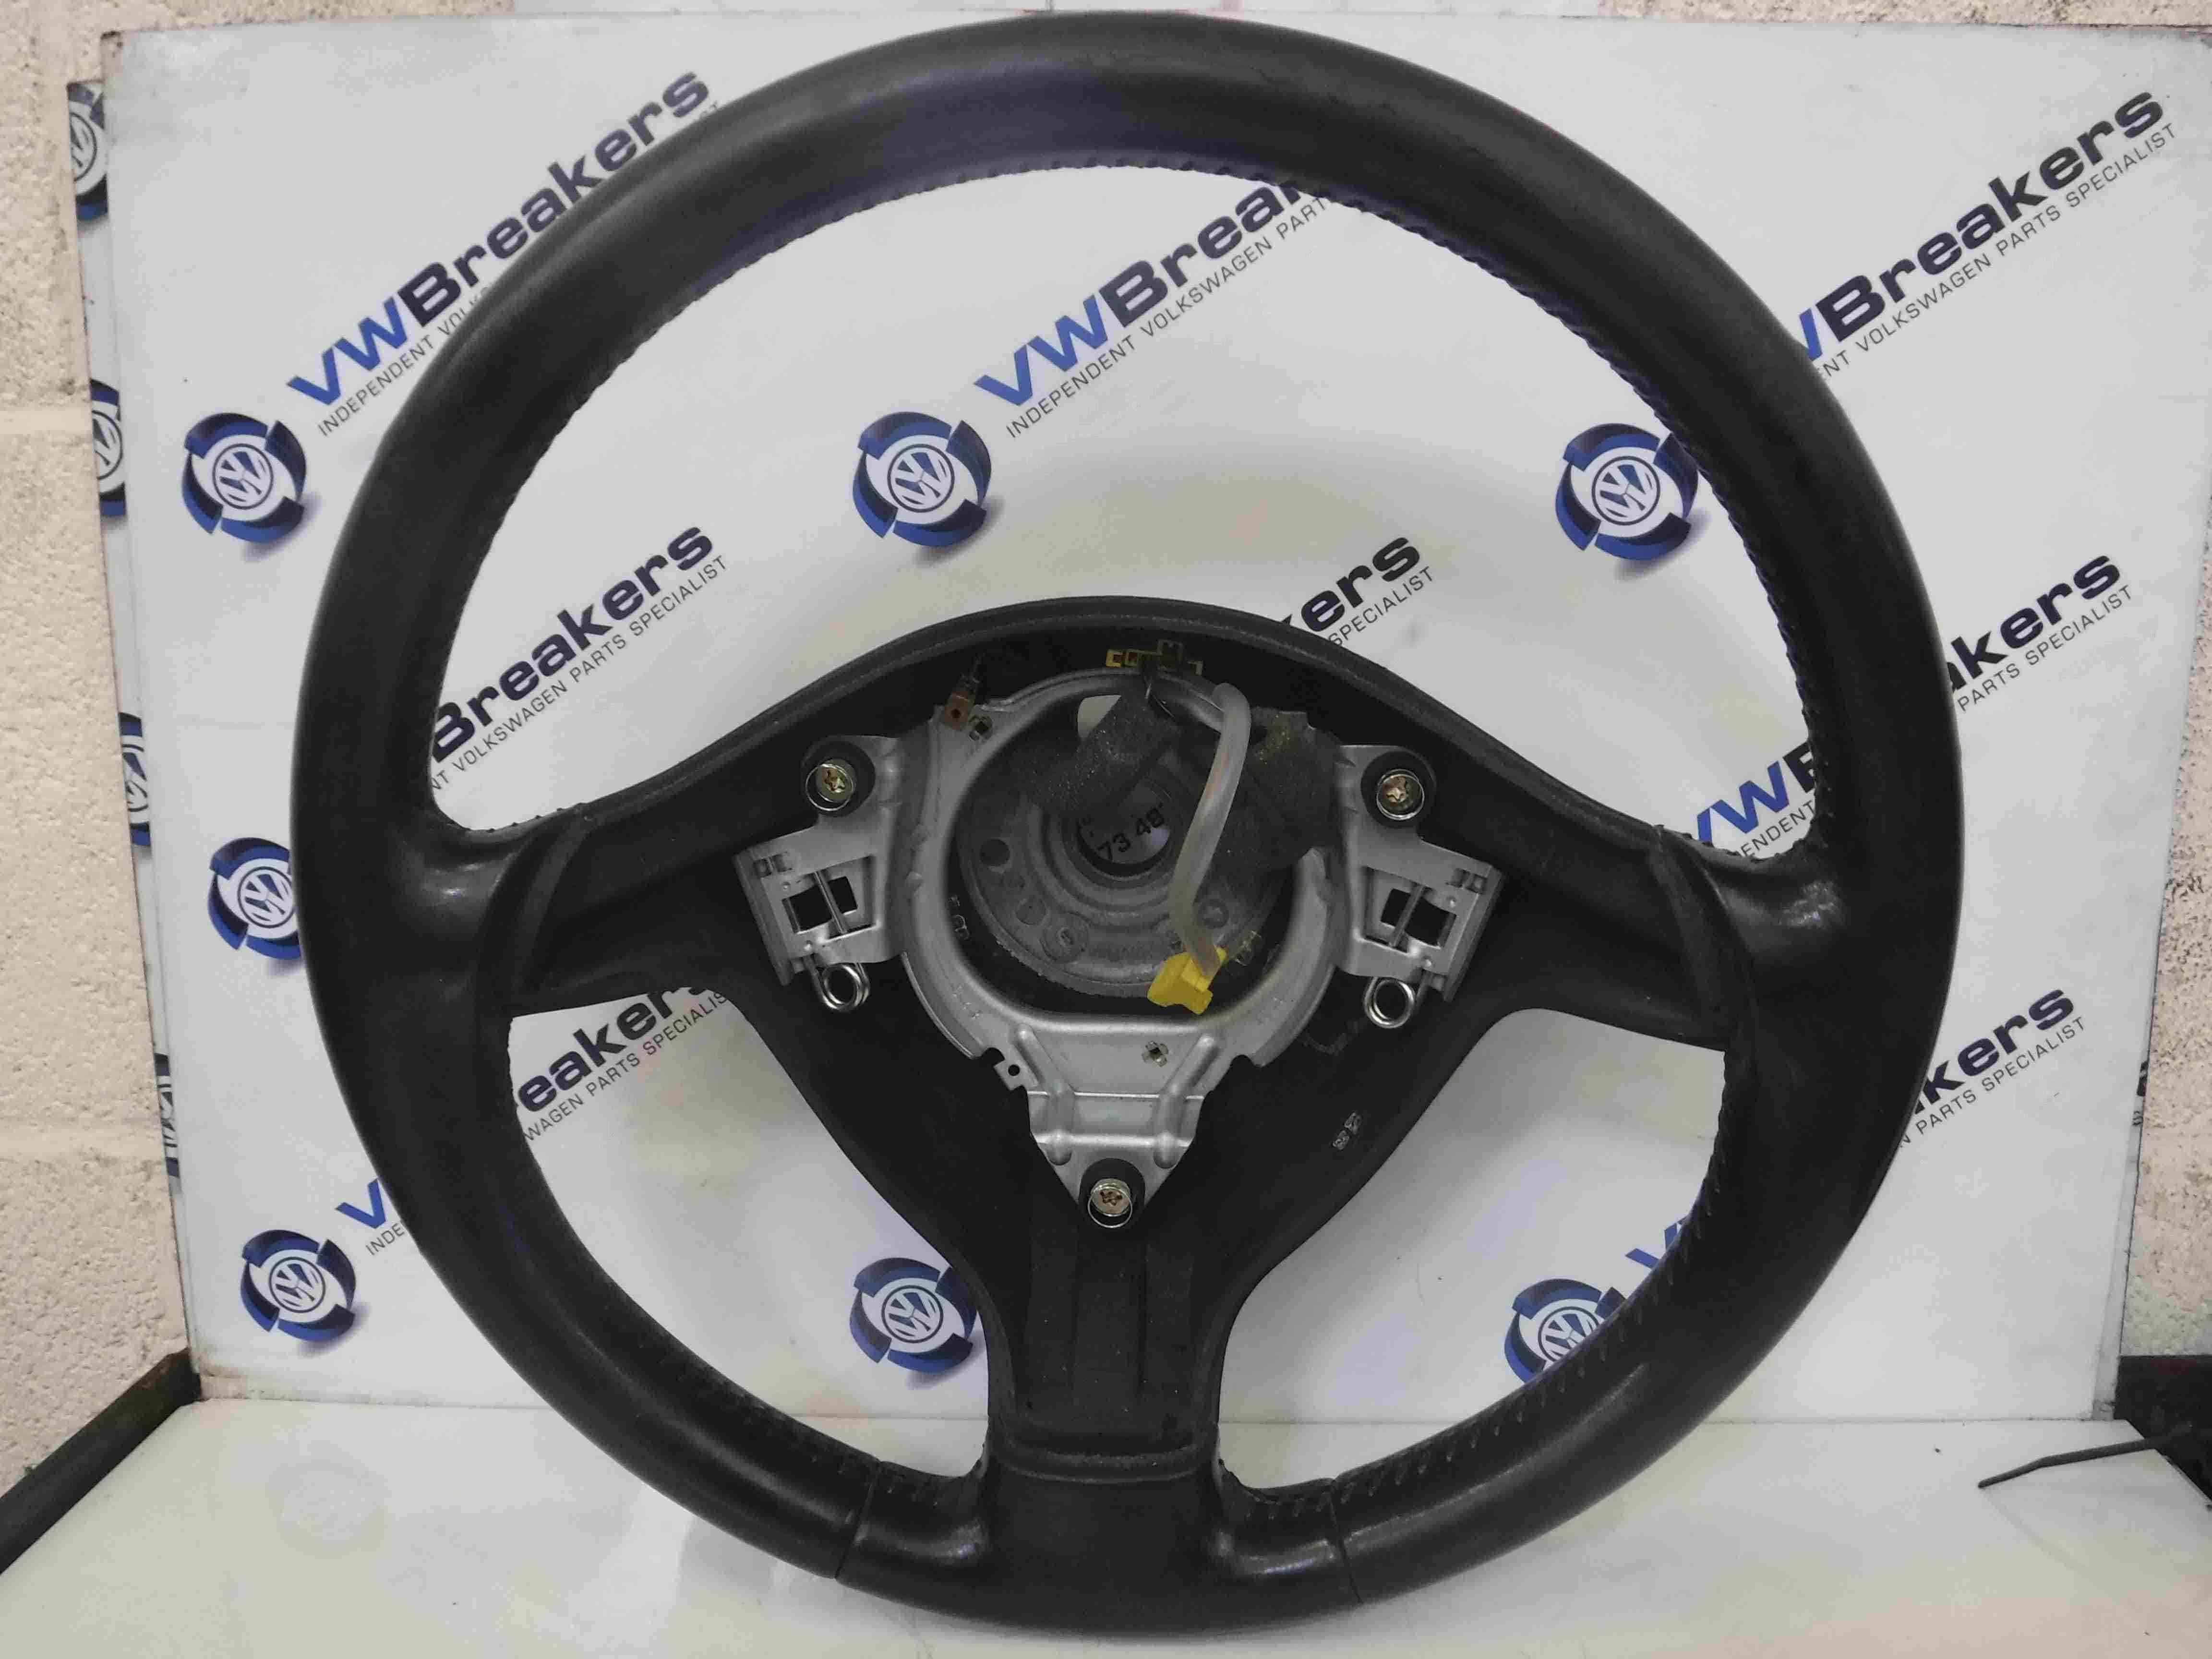 Volkswagen Golf MK4 1997-2004 Steering Wheel 1J0419091AE 3 Spoke 1j0419091ae